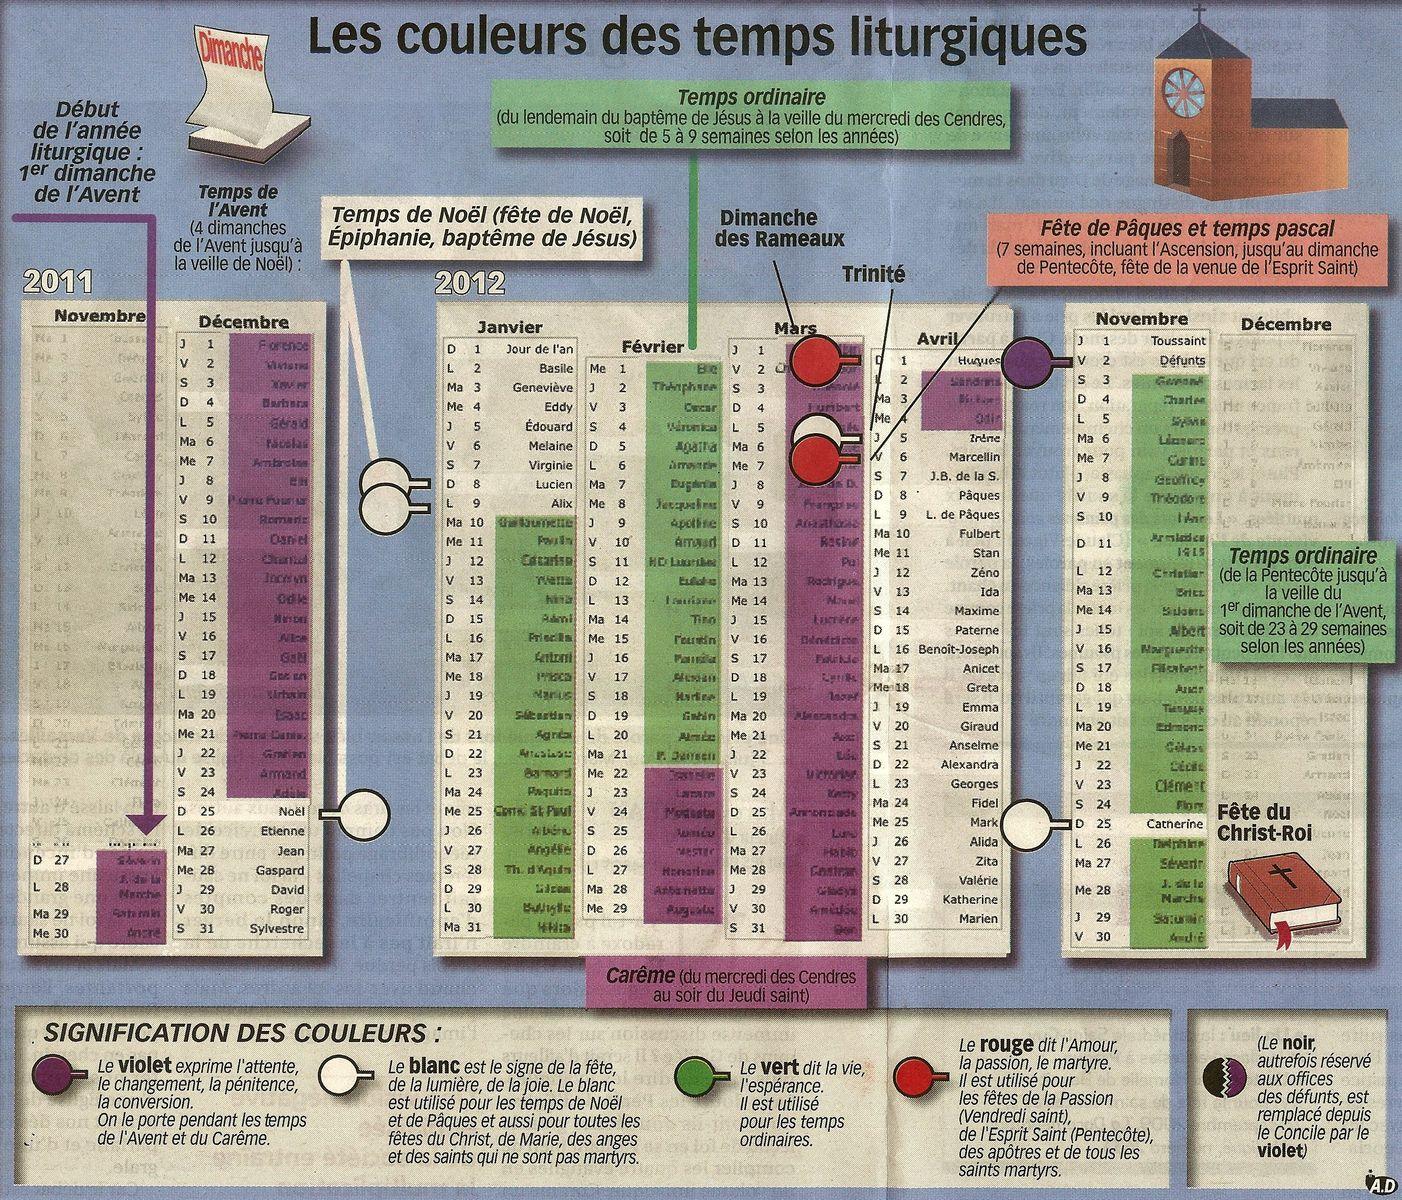 Temps de l 39 eglise et temps des marchands un tournant essentiel de l 39 - Les couleurs des tissus ...